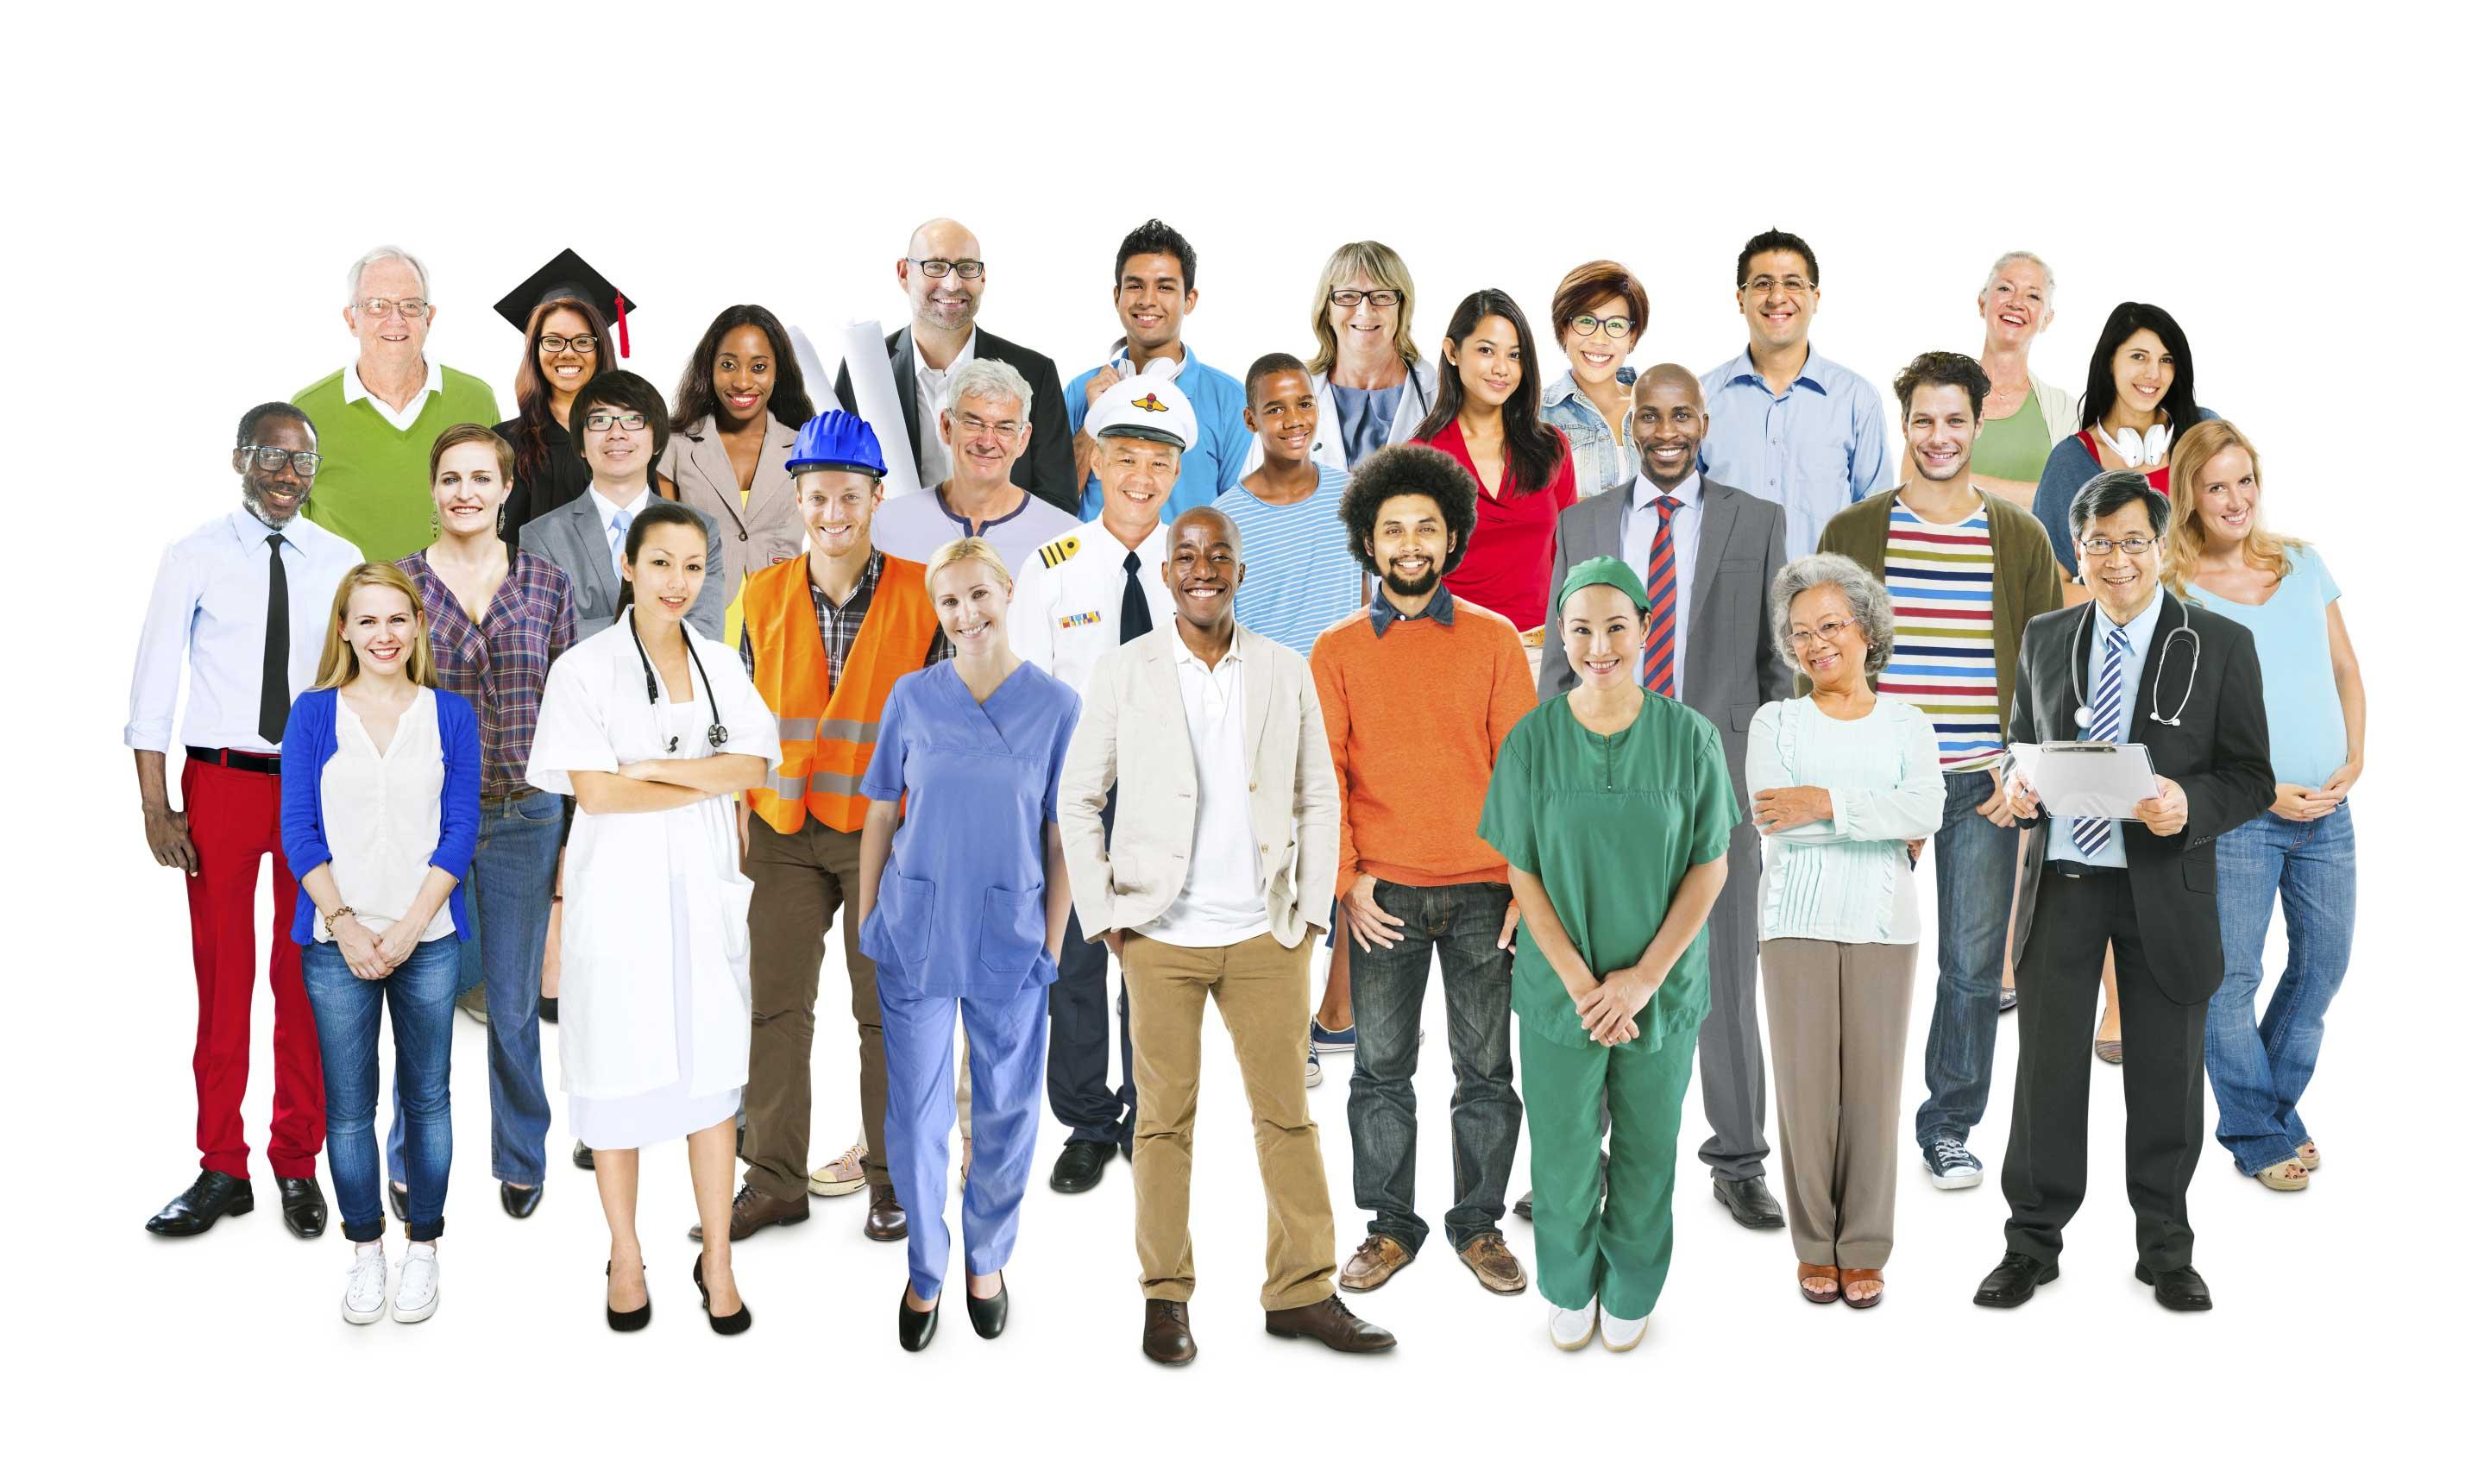 Иммиграция в Австралию: список самых востребованных профессий